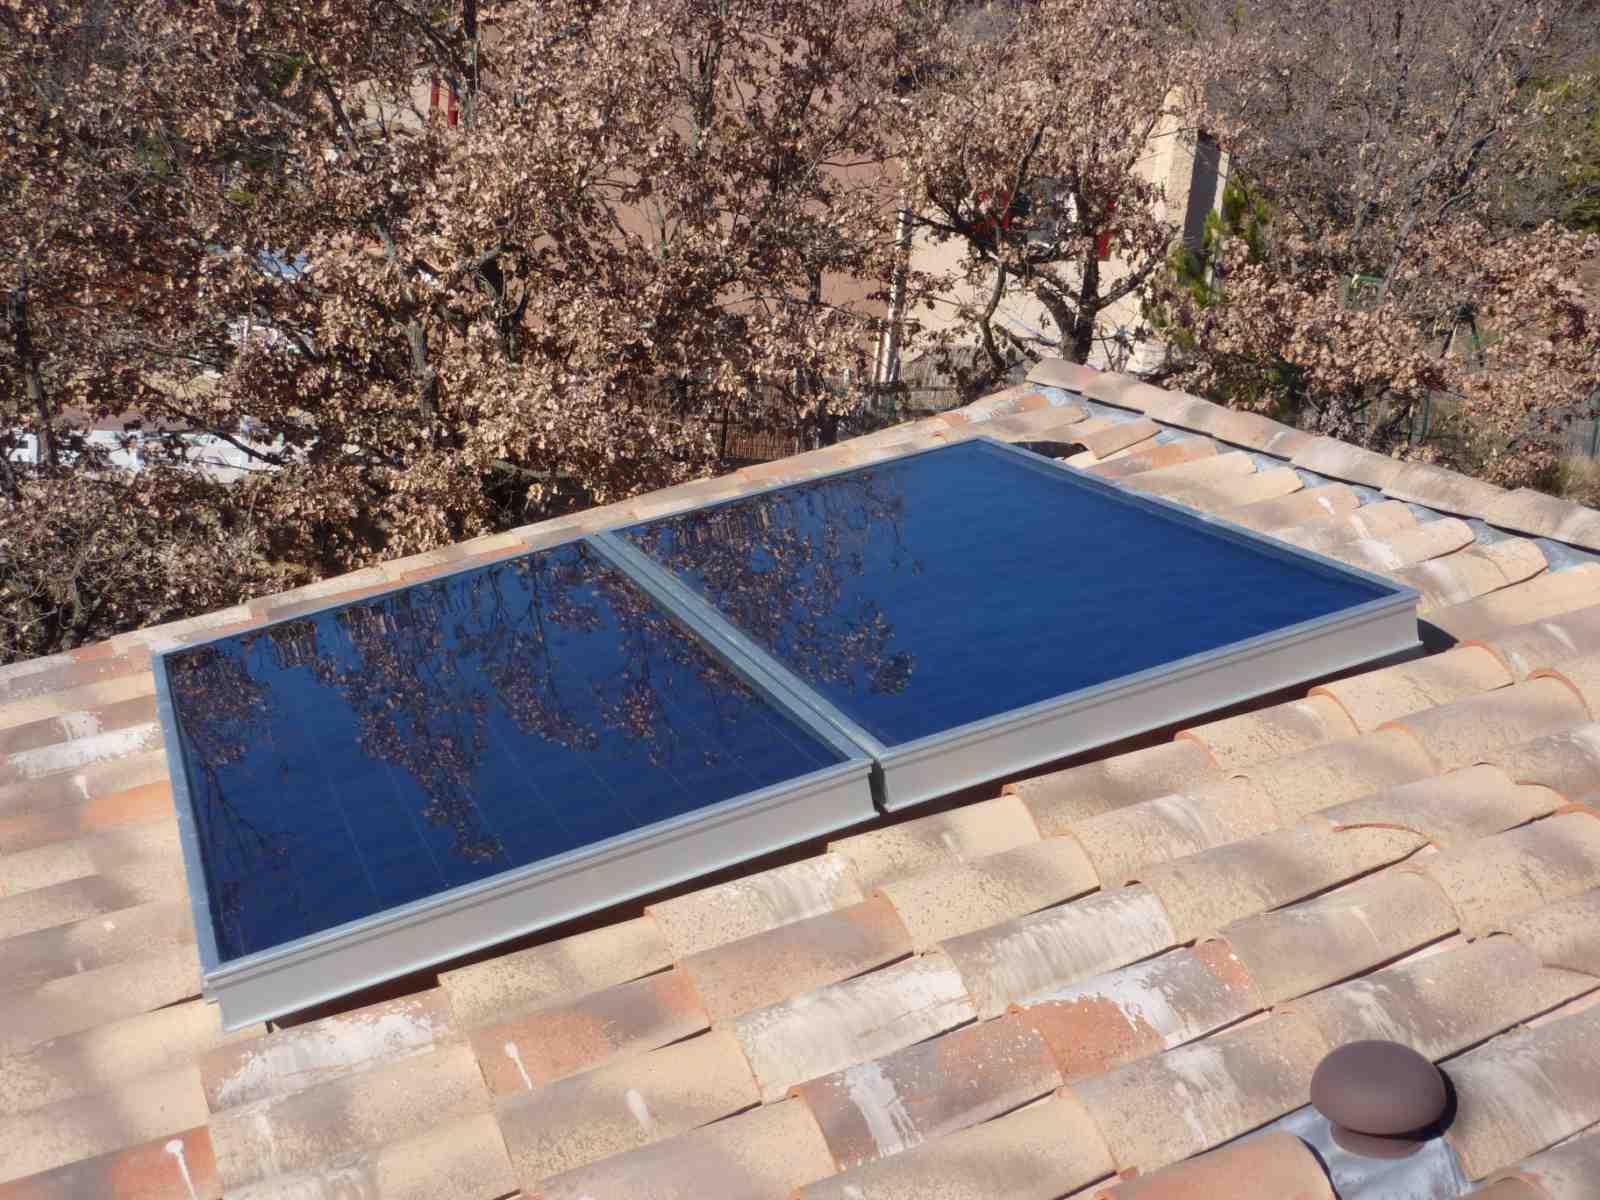 panneau solaire qualisol